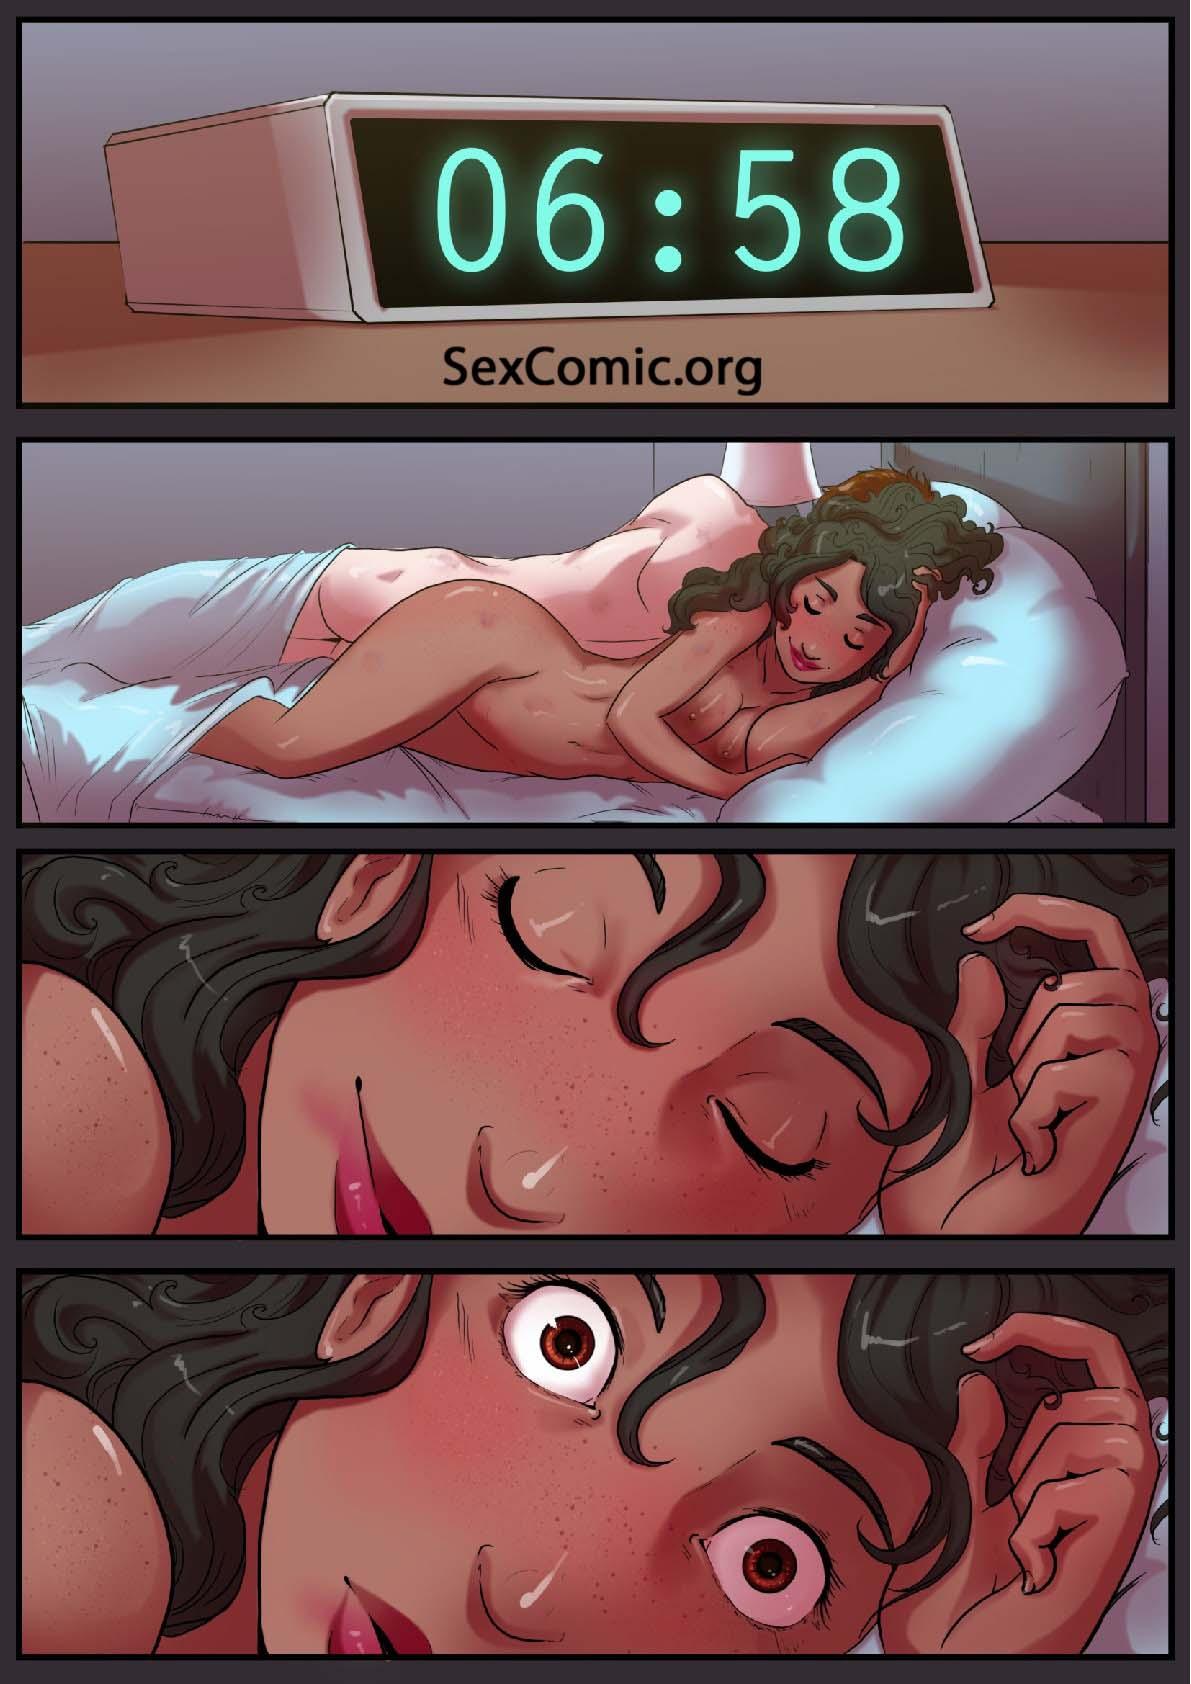 comic-porno-placeres-para-un-joven-millonario-mangas-para-adultos-historias-eroticas-fantasias-sexuales-comics-de-incesto-videos-porno-gratis-online-2